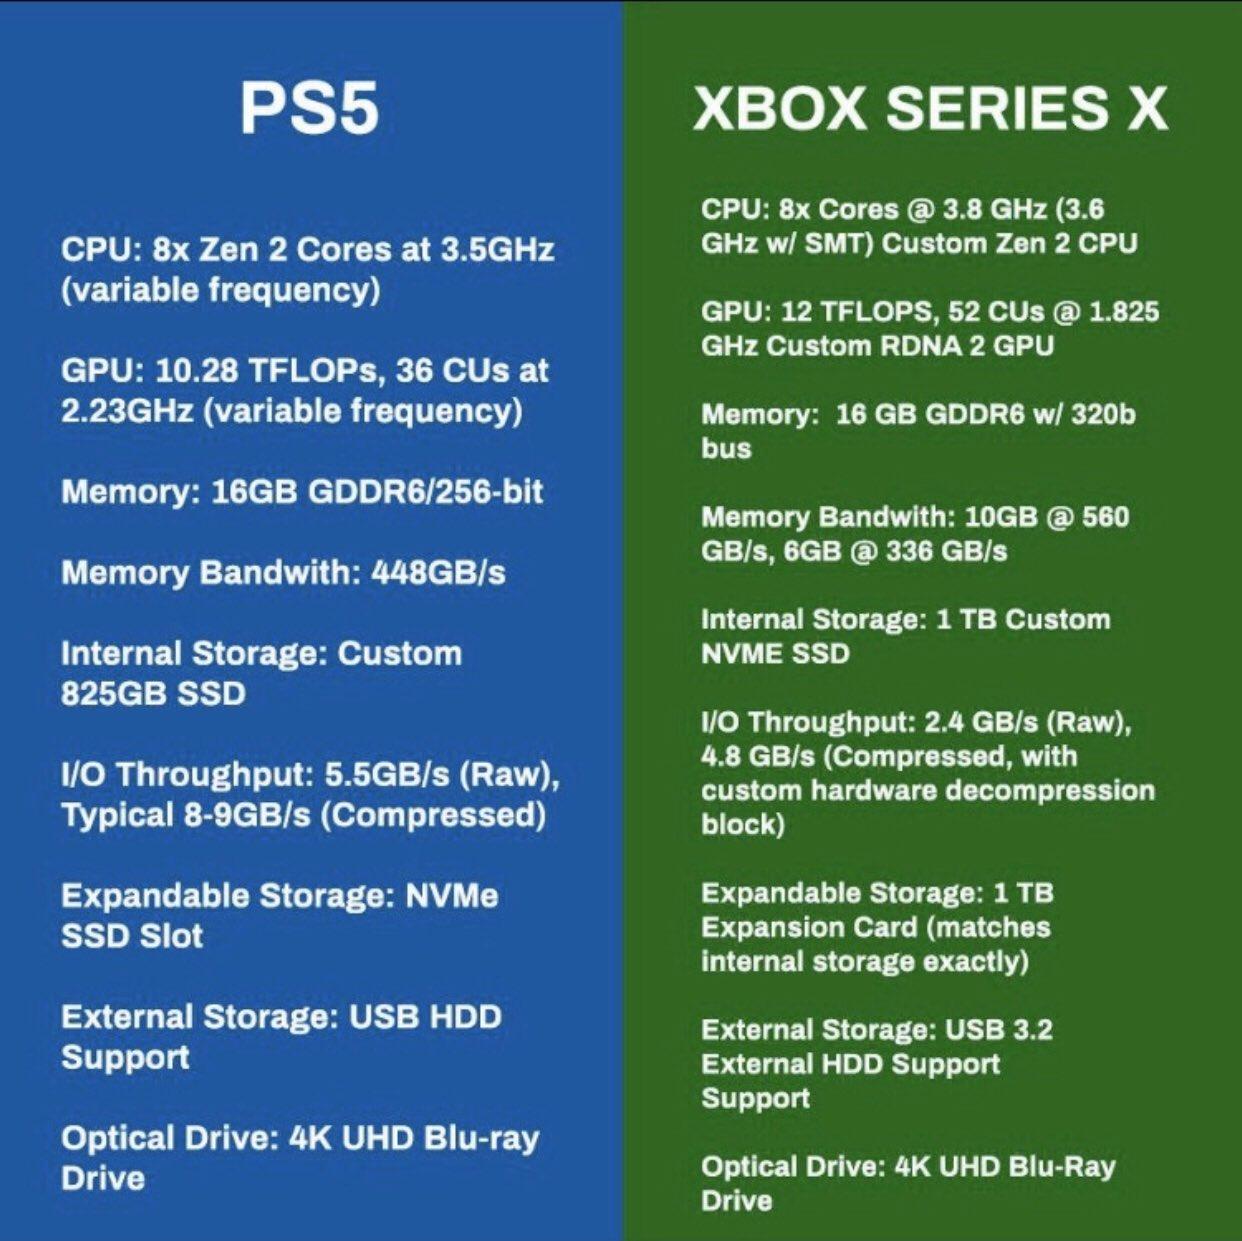 какой телевизор купить для PS5 и Xbox Series X